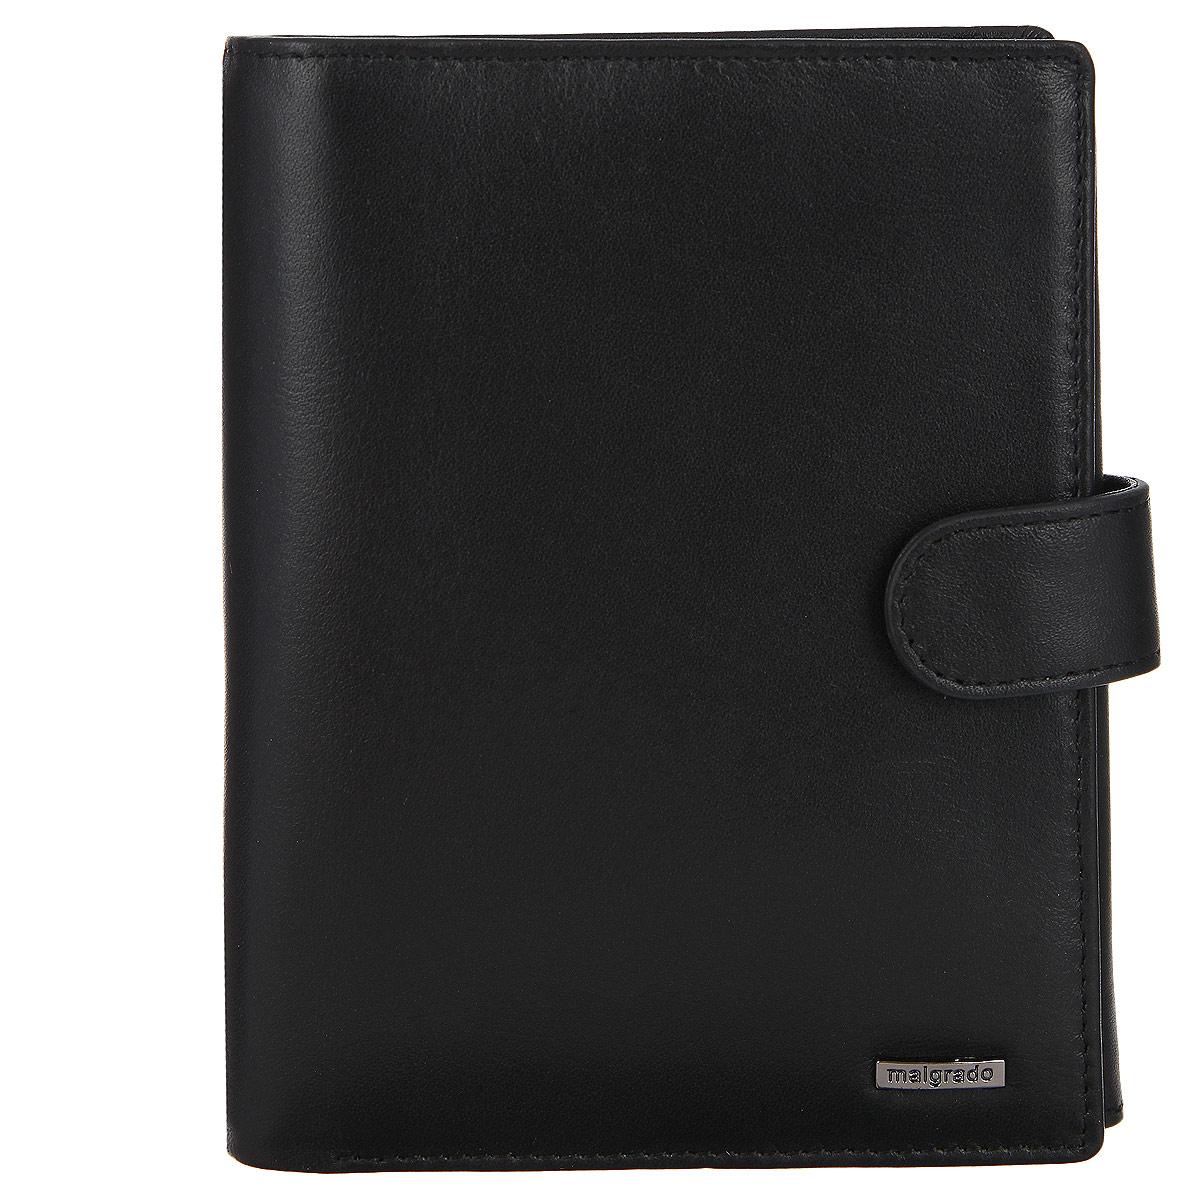 Портмоне мужское Malgrado, цвет: черный. 04-55D04-55DМногофункциональное мужское портмоне Malgrado выполнено из натуральной кожи с глянцевой текстурой и металлическим элементом с названием бренда. Изделие содержит два основных отделения и закрывается на клапан с кнопкой. Отделение для купюр состоит из двух частей. Отделение для документов включает в себя четырнадцать наборных кармашков для визиток и пластиковых карточек, один вшитый потайной карман на молнии, один карман для монет, закрывающийся на хлястик с застежкой-кнопкой, карман для паспорта, закрывающийся на клапан с кнопкой, прозрачный кармашек и накладной потайной карман. Портмоне упаковано в подарочную коробку с логотипом фирмы. Такое портмоне станет замечательным подарком человеку, ценящему качественные и практичные вещи.